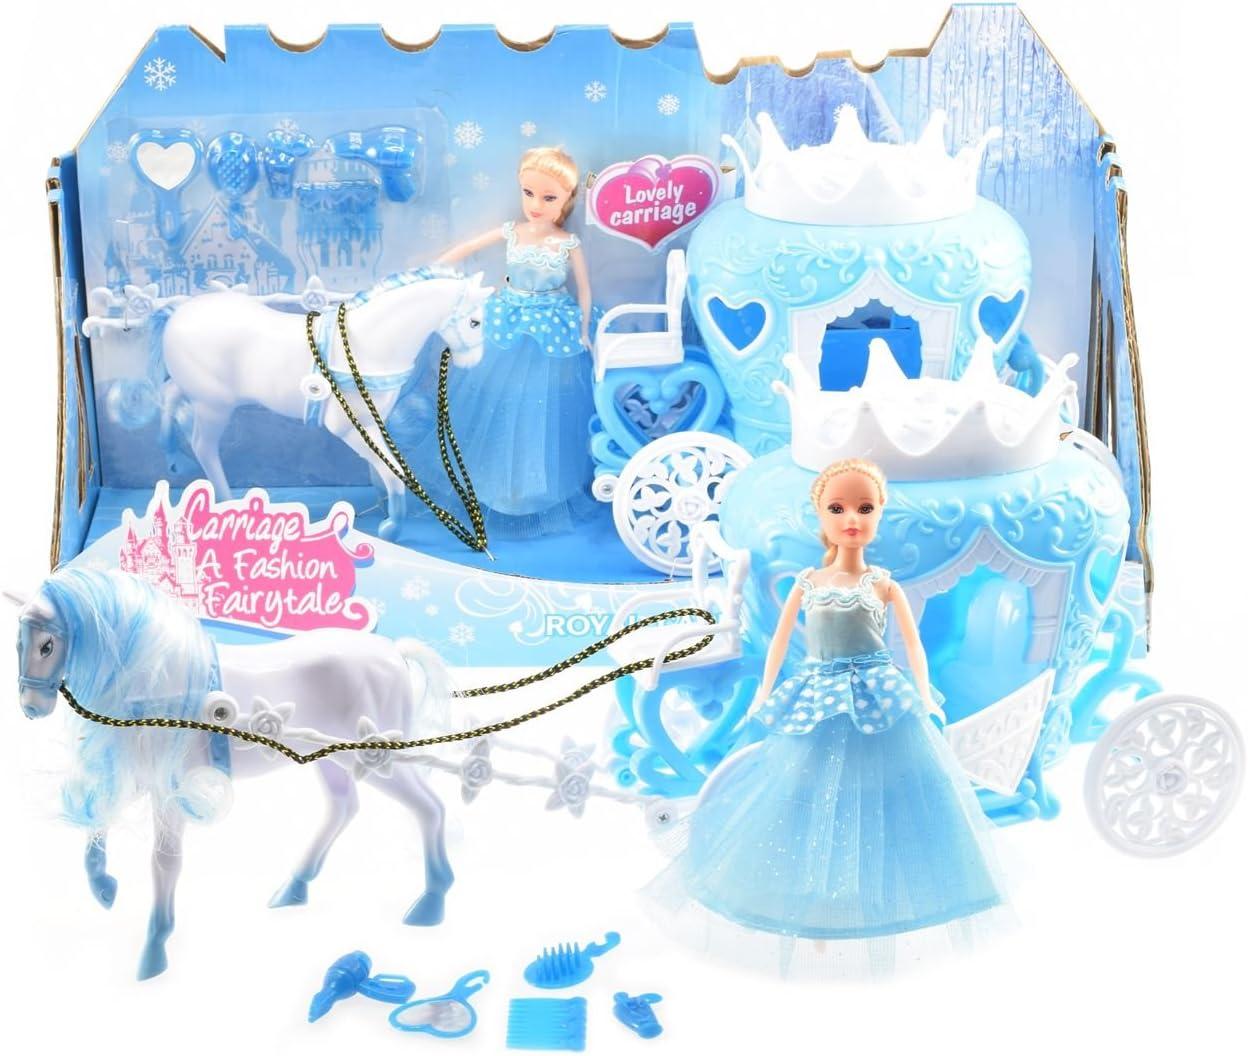 Toi-Toys 12879A Ice Princess - Juego de Helado de Princesa de Caballo con cantería y muñeca, Color Azul Licencia Juego de Juguetes, Multicolor